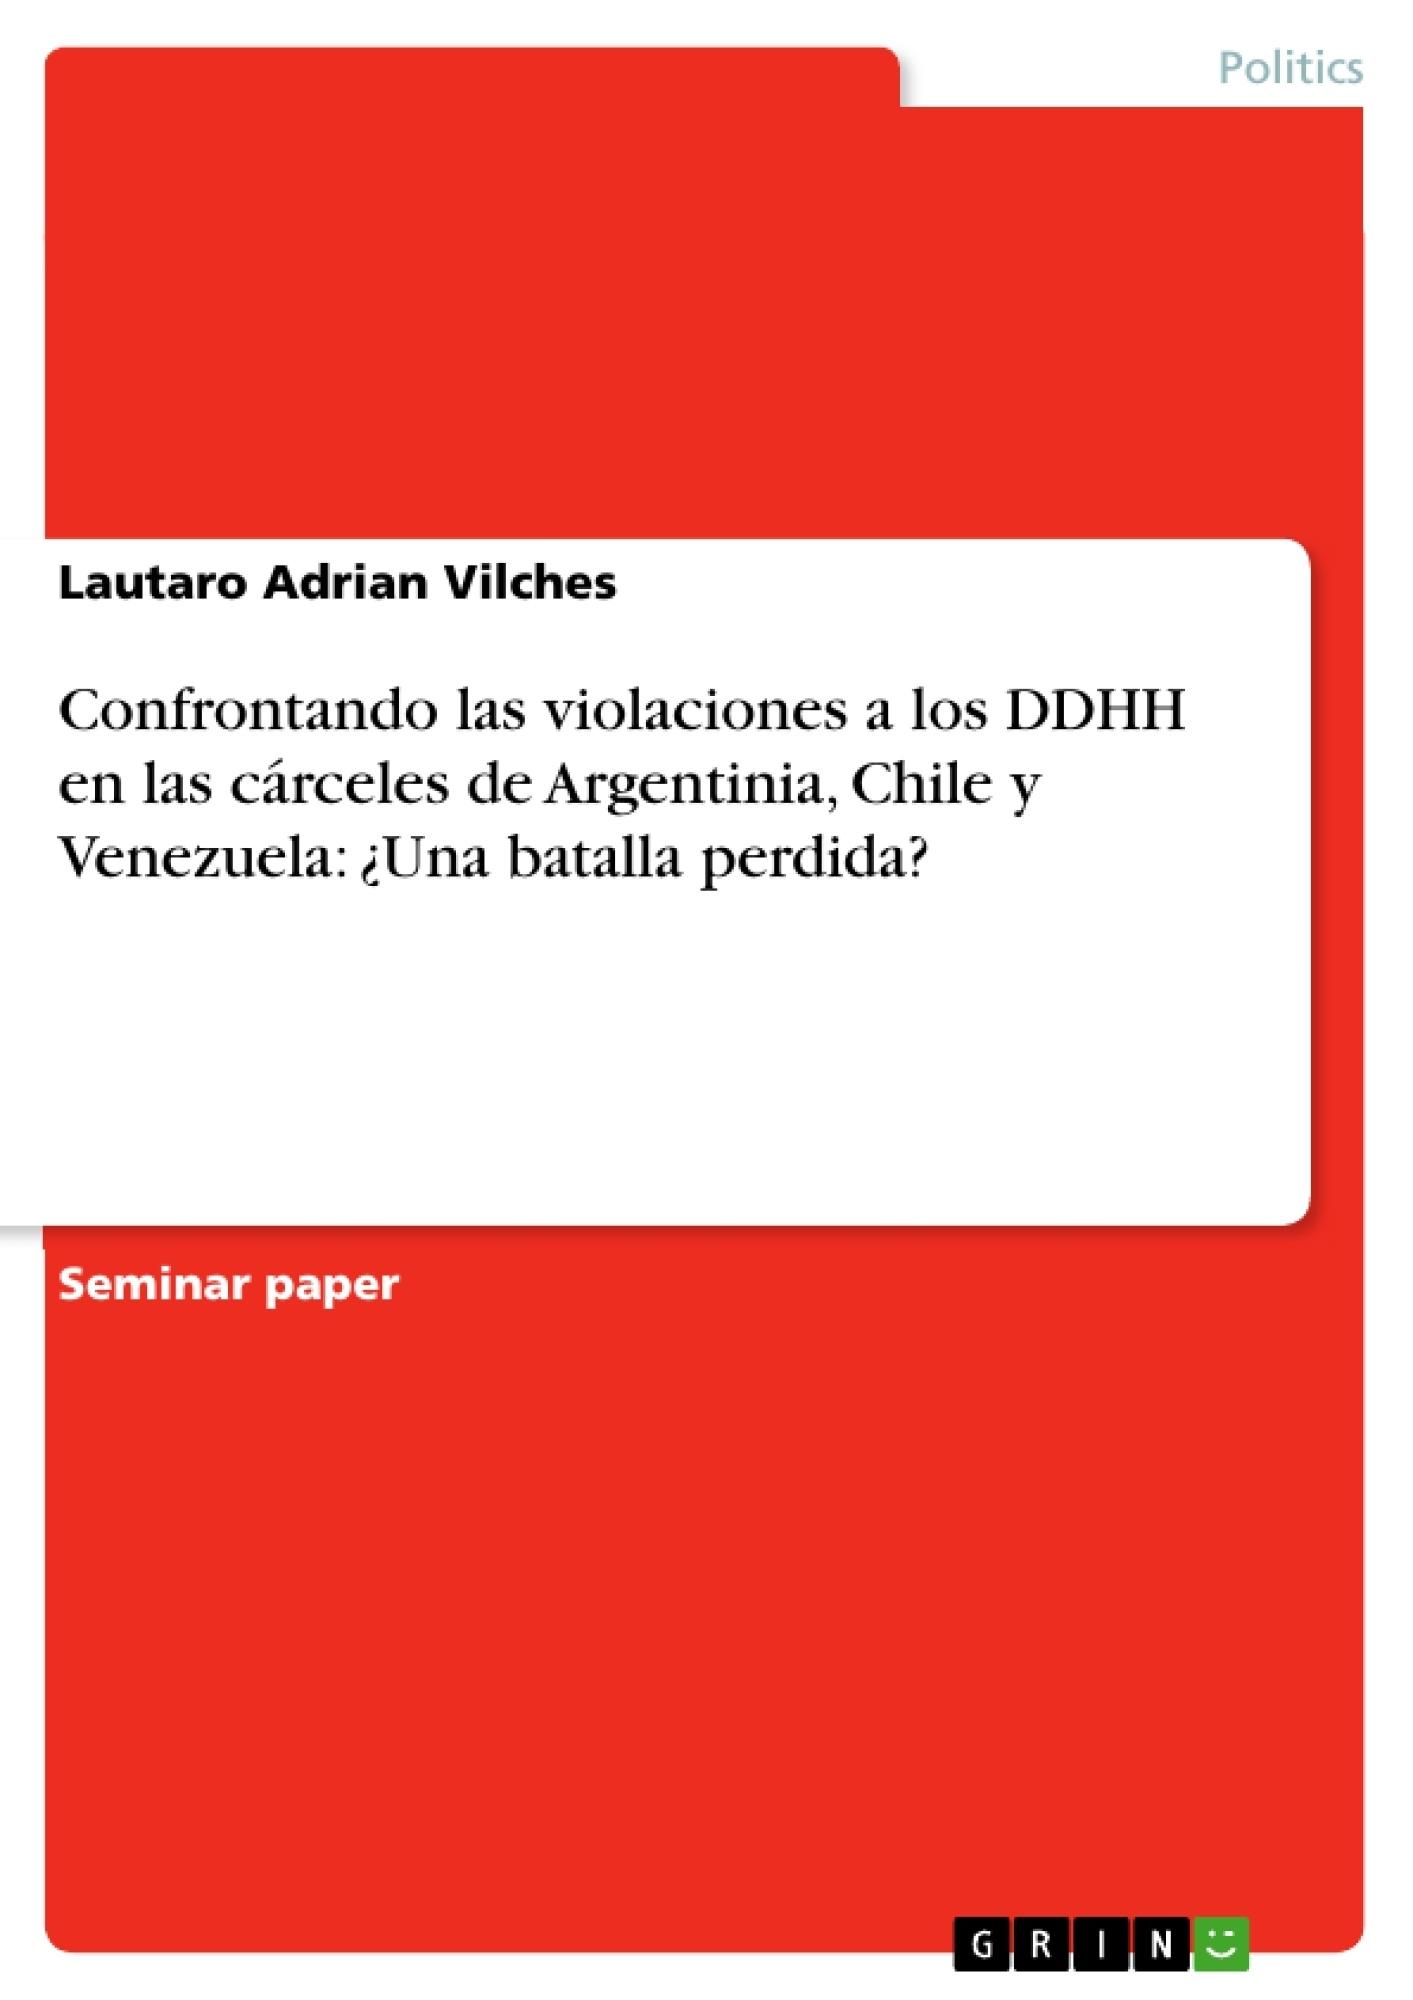 Título: Confrontando las violaciones a los DDHH en las cárceles de Argentinia, Chile y Venezuela: ¿Una batalla perdida?